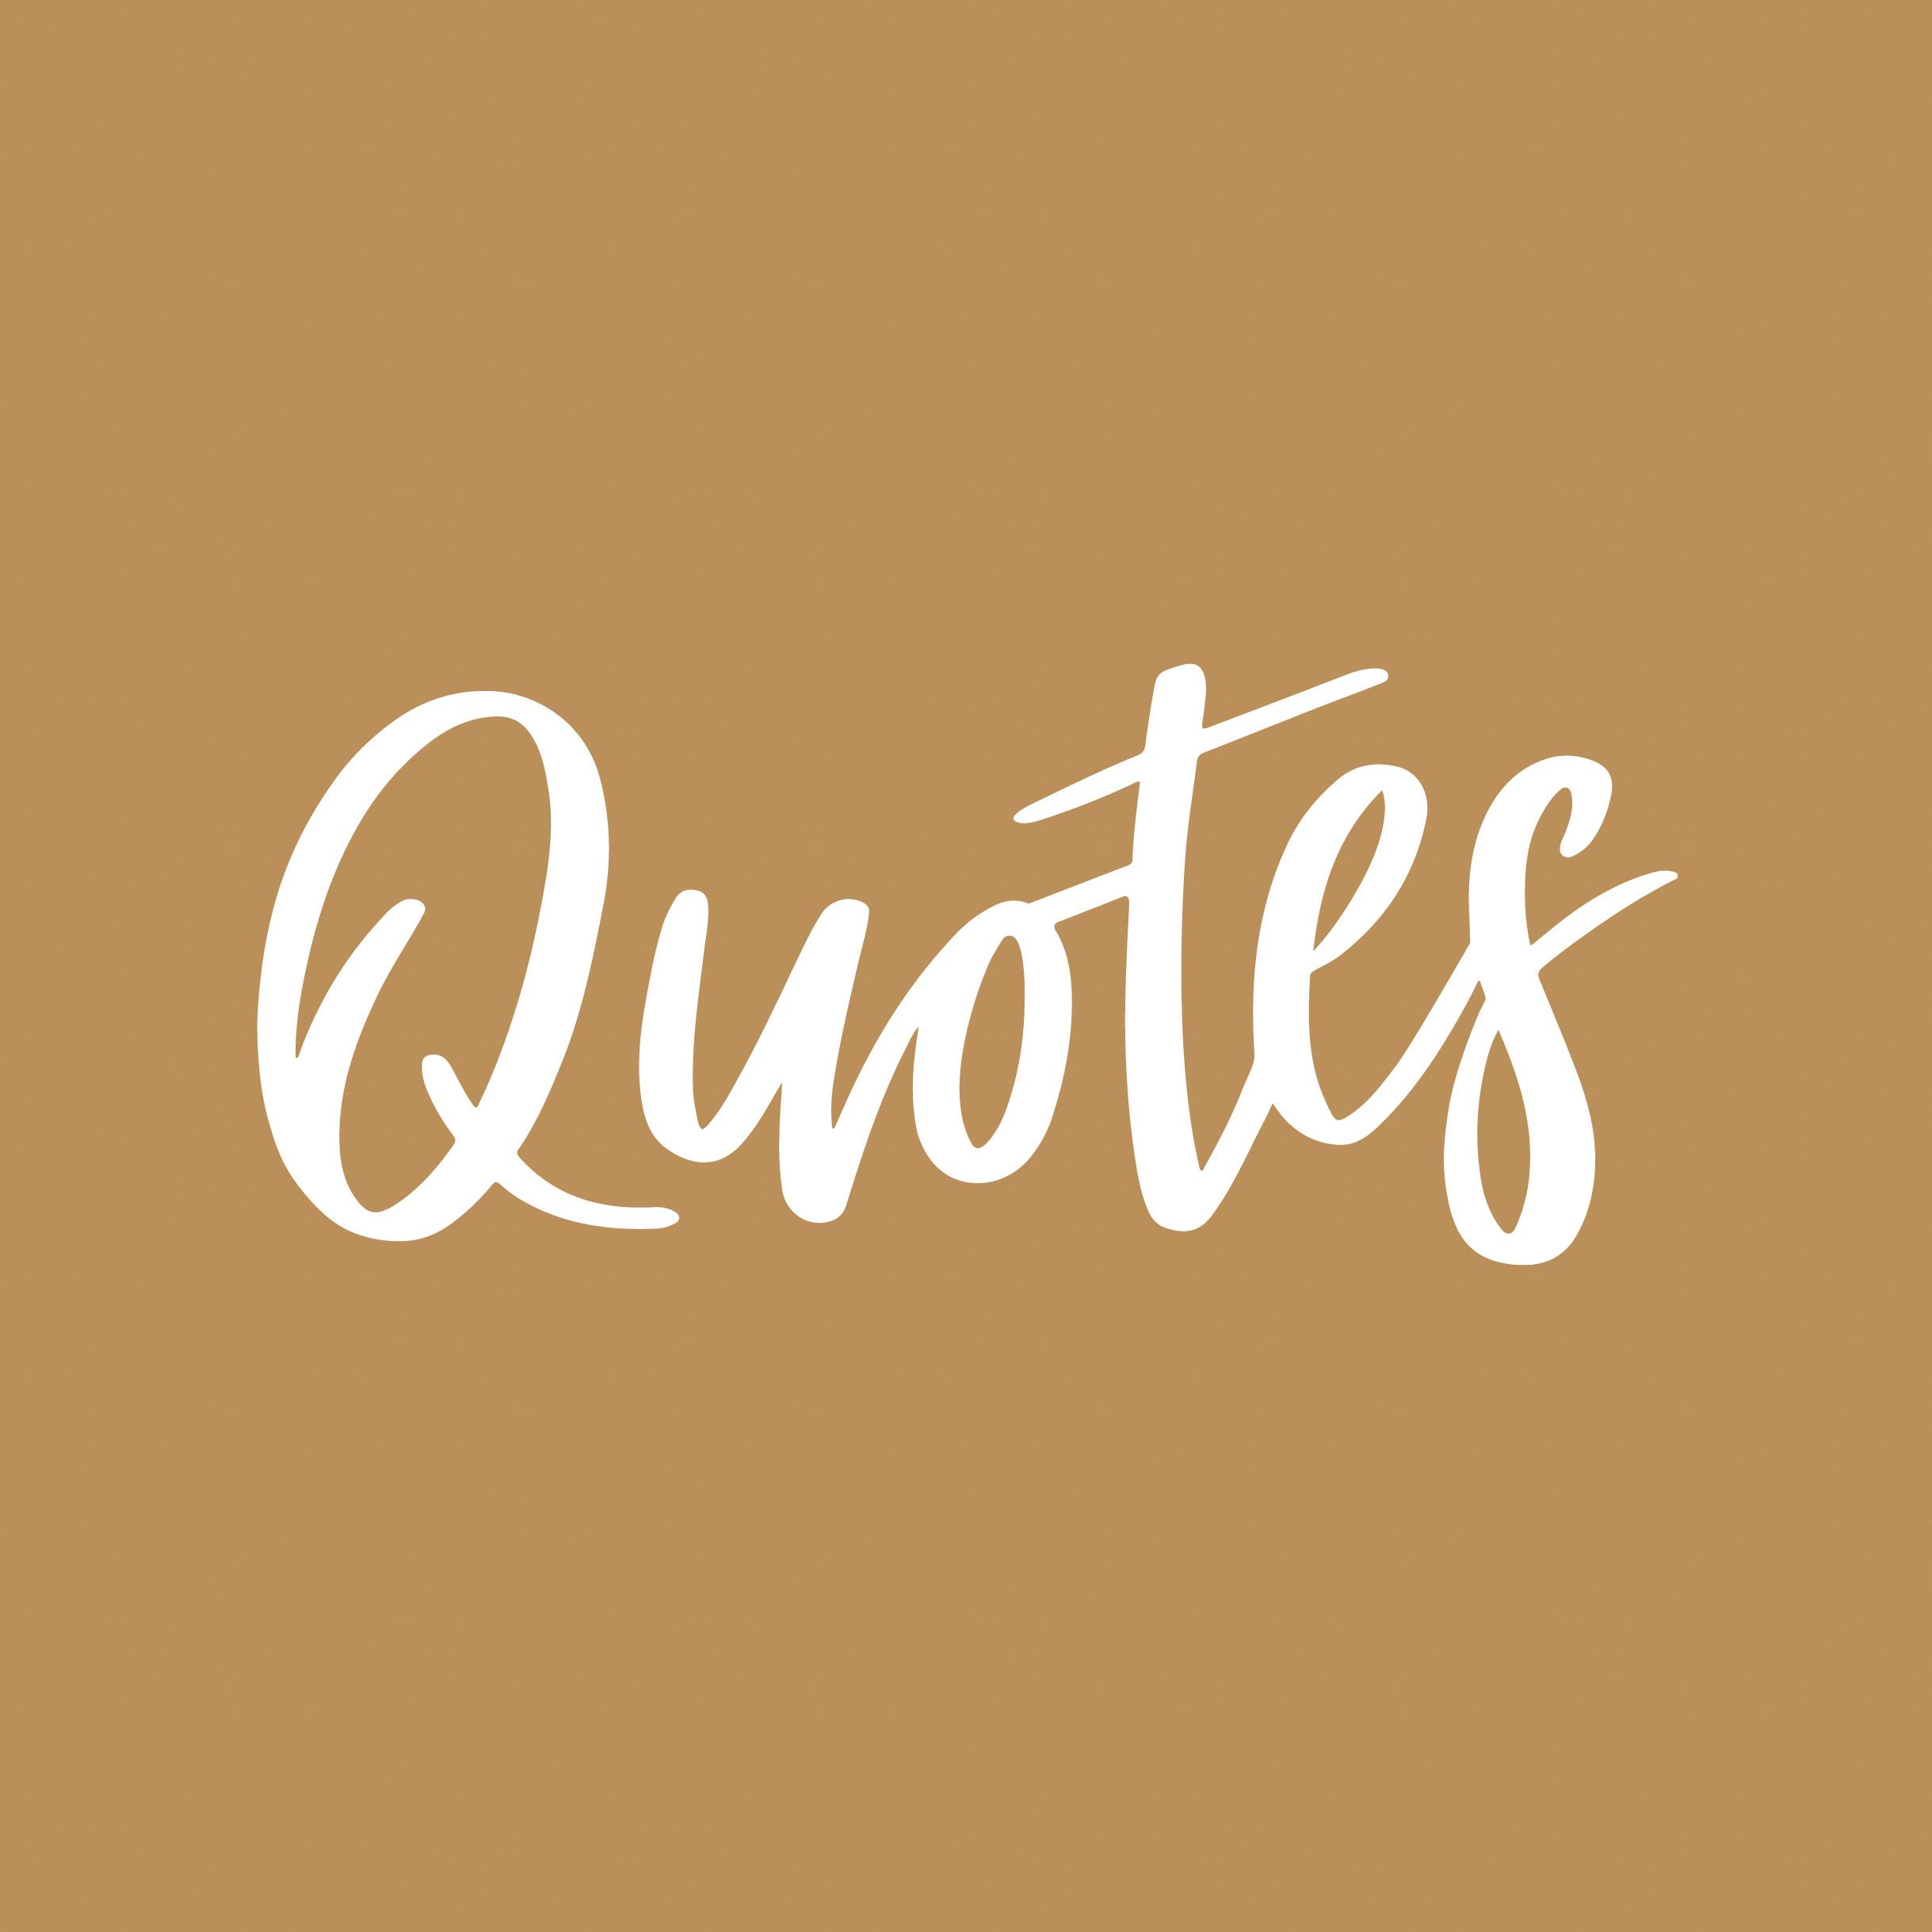 Quotes Achterhoek